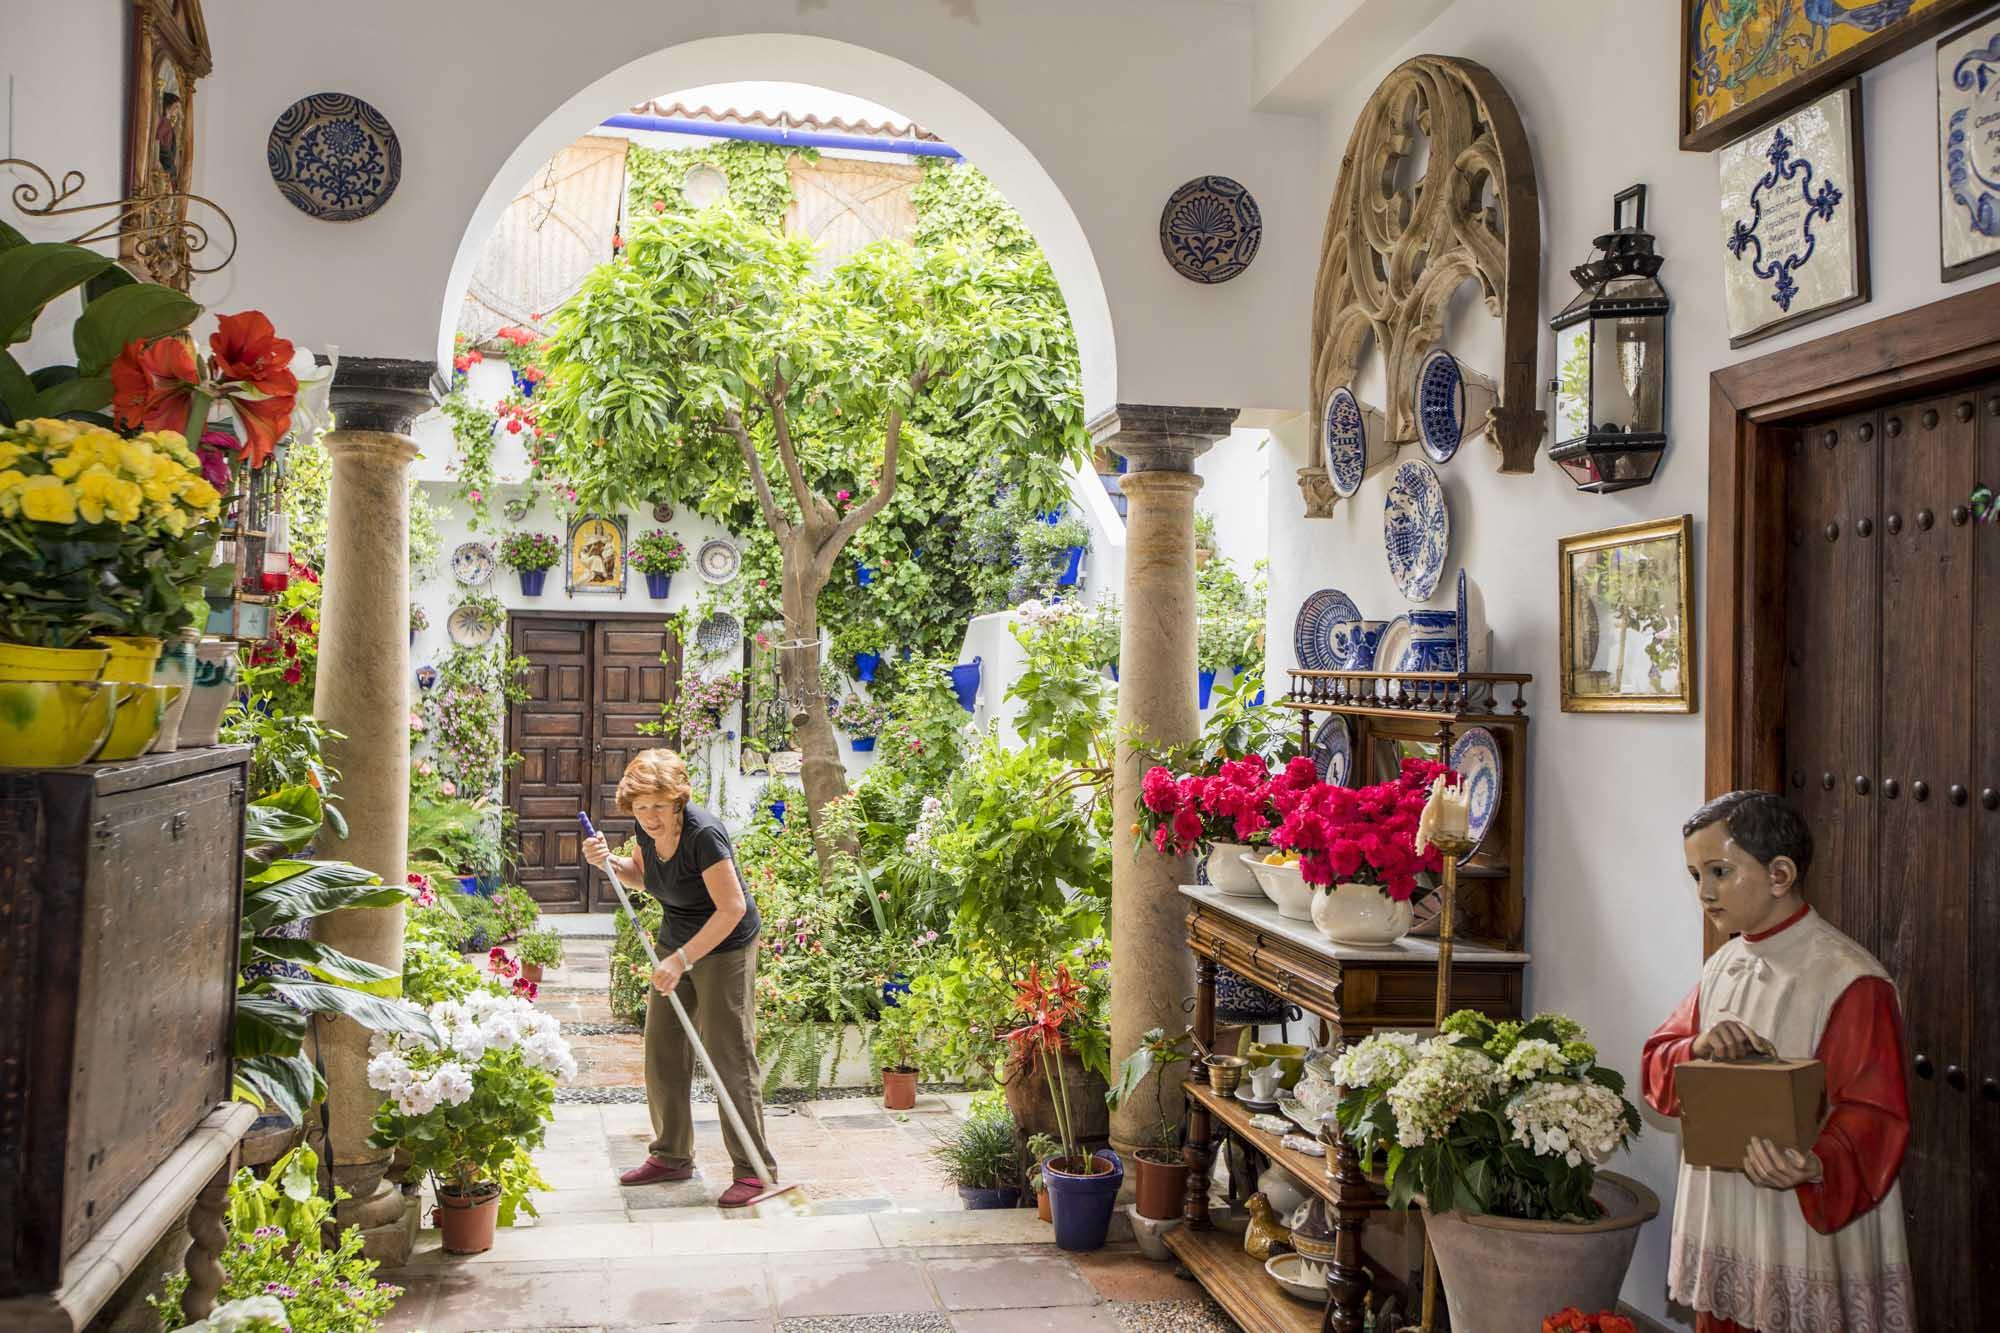 Spanien, Andalusien, Cordoba, Patio, Calle Pastora 2, Candida, die Mutter von Rafael Barón, putzt den Patio für das Festival. Der Patio ist der meißt prämierte in der Sektion moderne Architektur. Rafael ist Präsident der Patio-Vereinigung Asociación Claveles y Gitanillas.